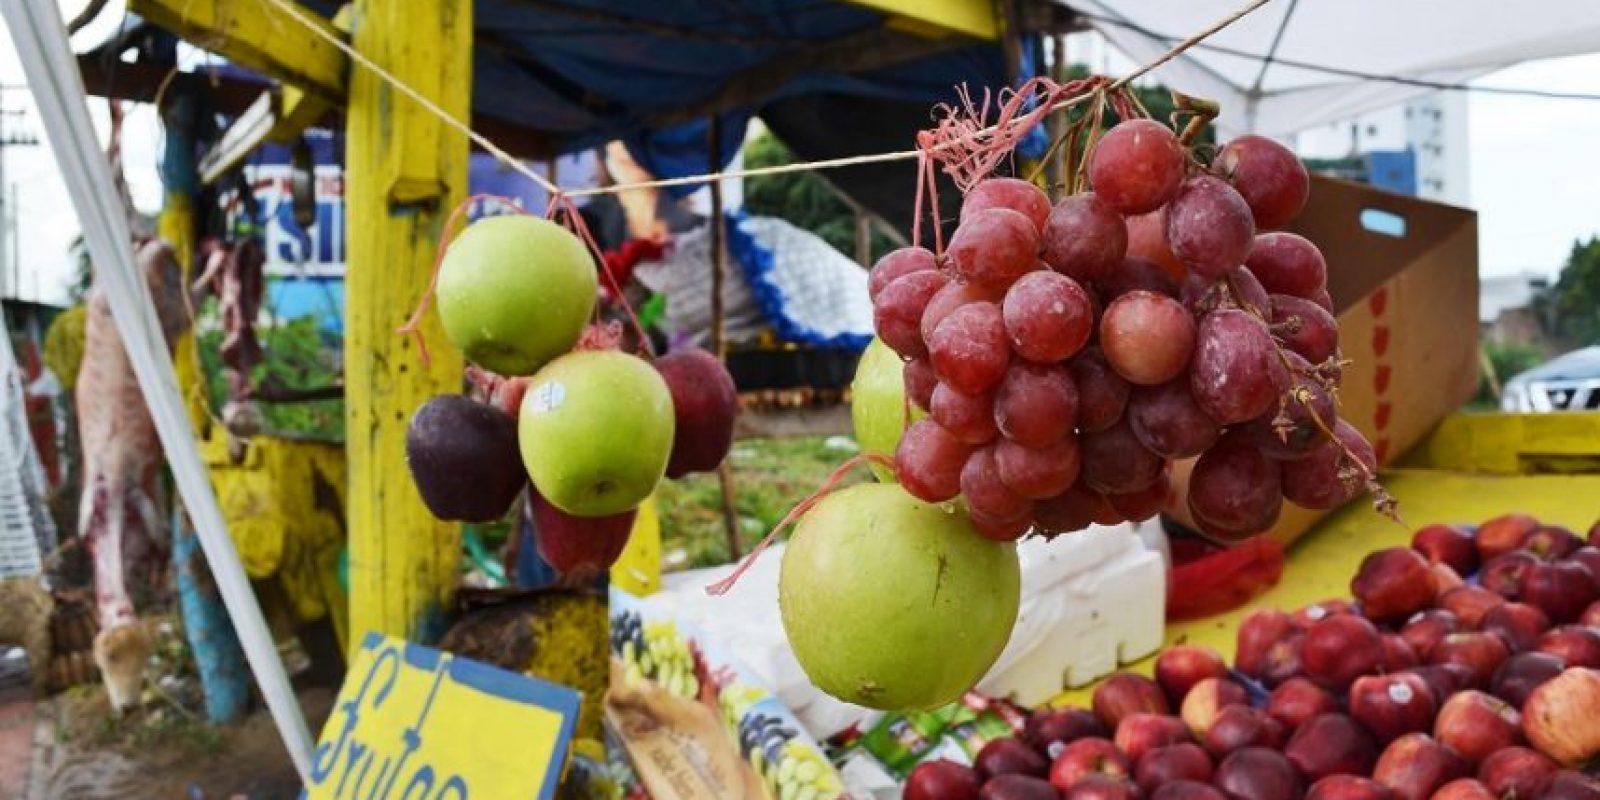 Frutas: 35 pesos es el costo por manzana en negocios informales. En los supermercados del país las venden a 40 pesos la libra. En el caso de las uvas, a 60 pesos la libra